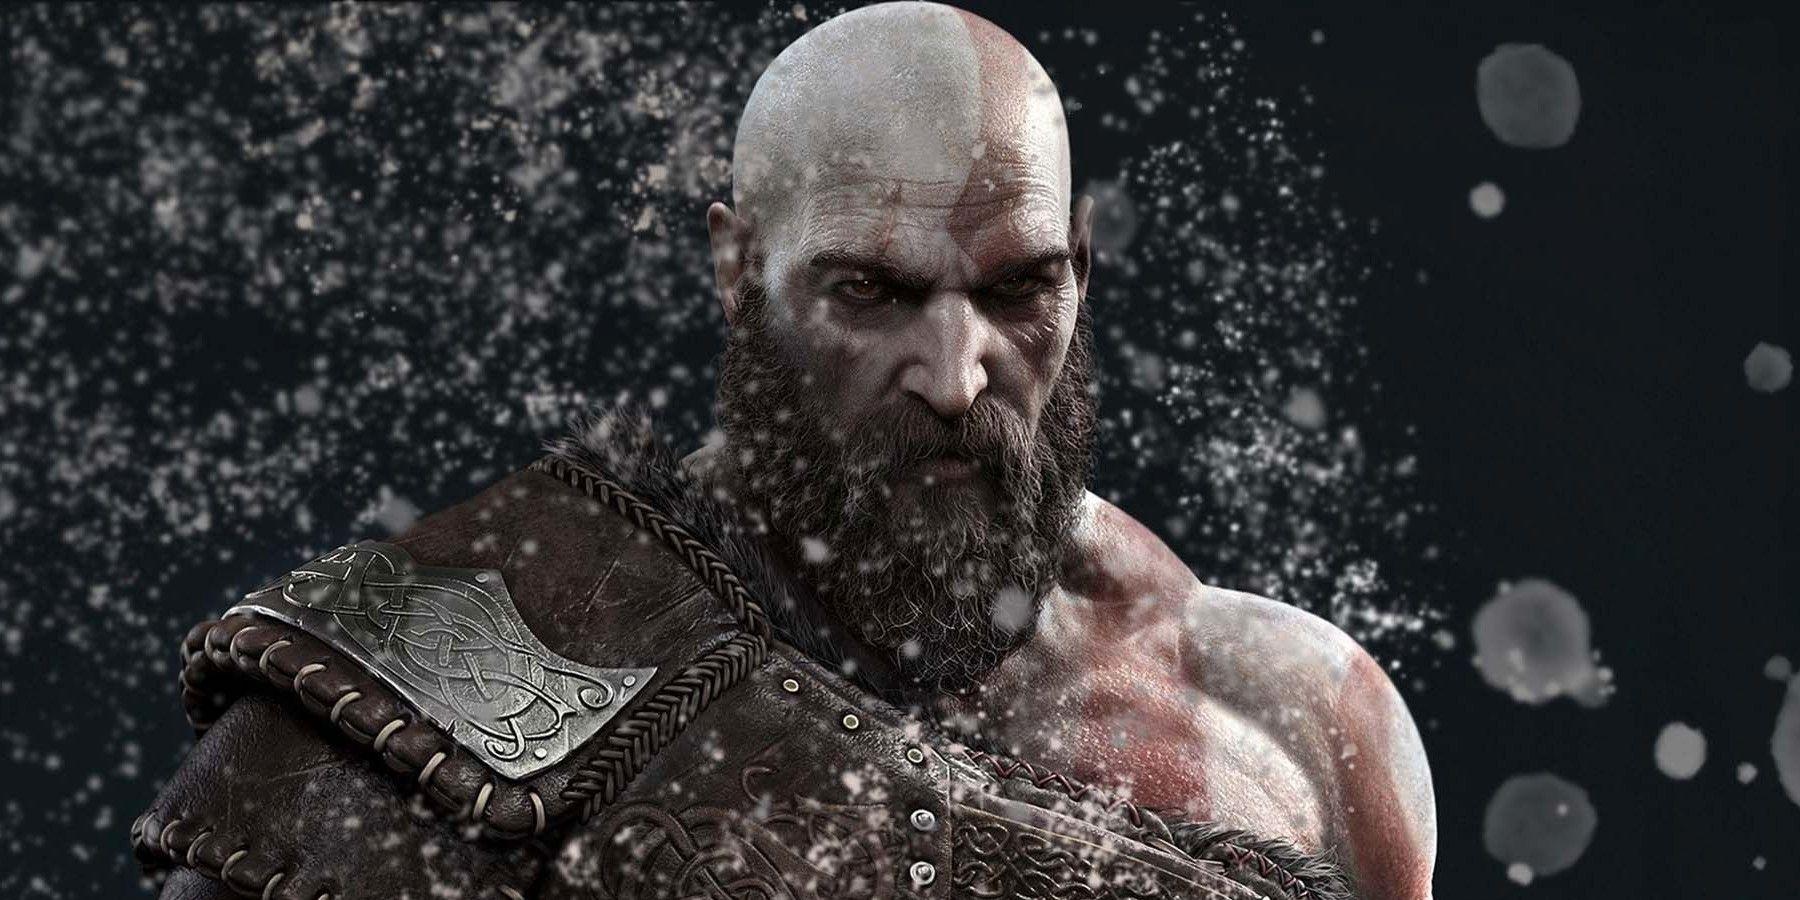 Исполнитель роли Кратоса в God of War: Ragnarok хотел уволиться из-за смены режиссера